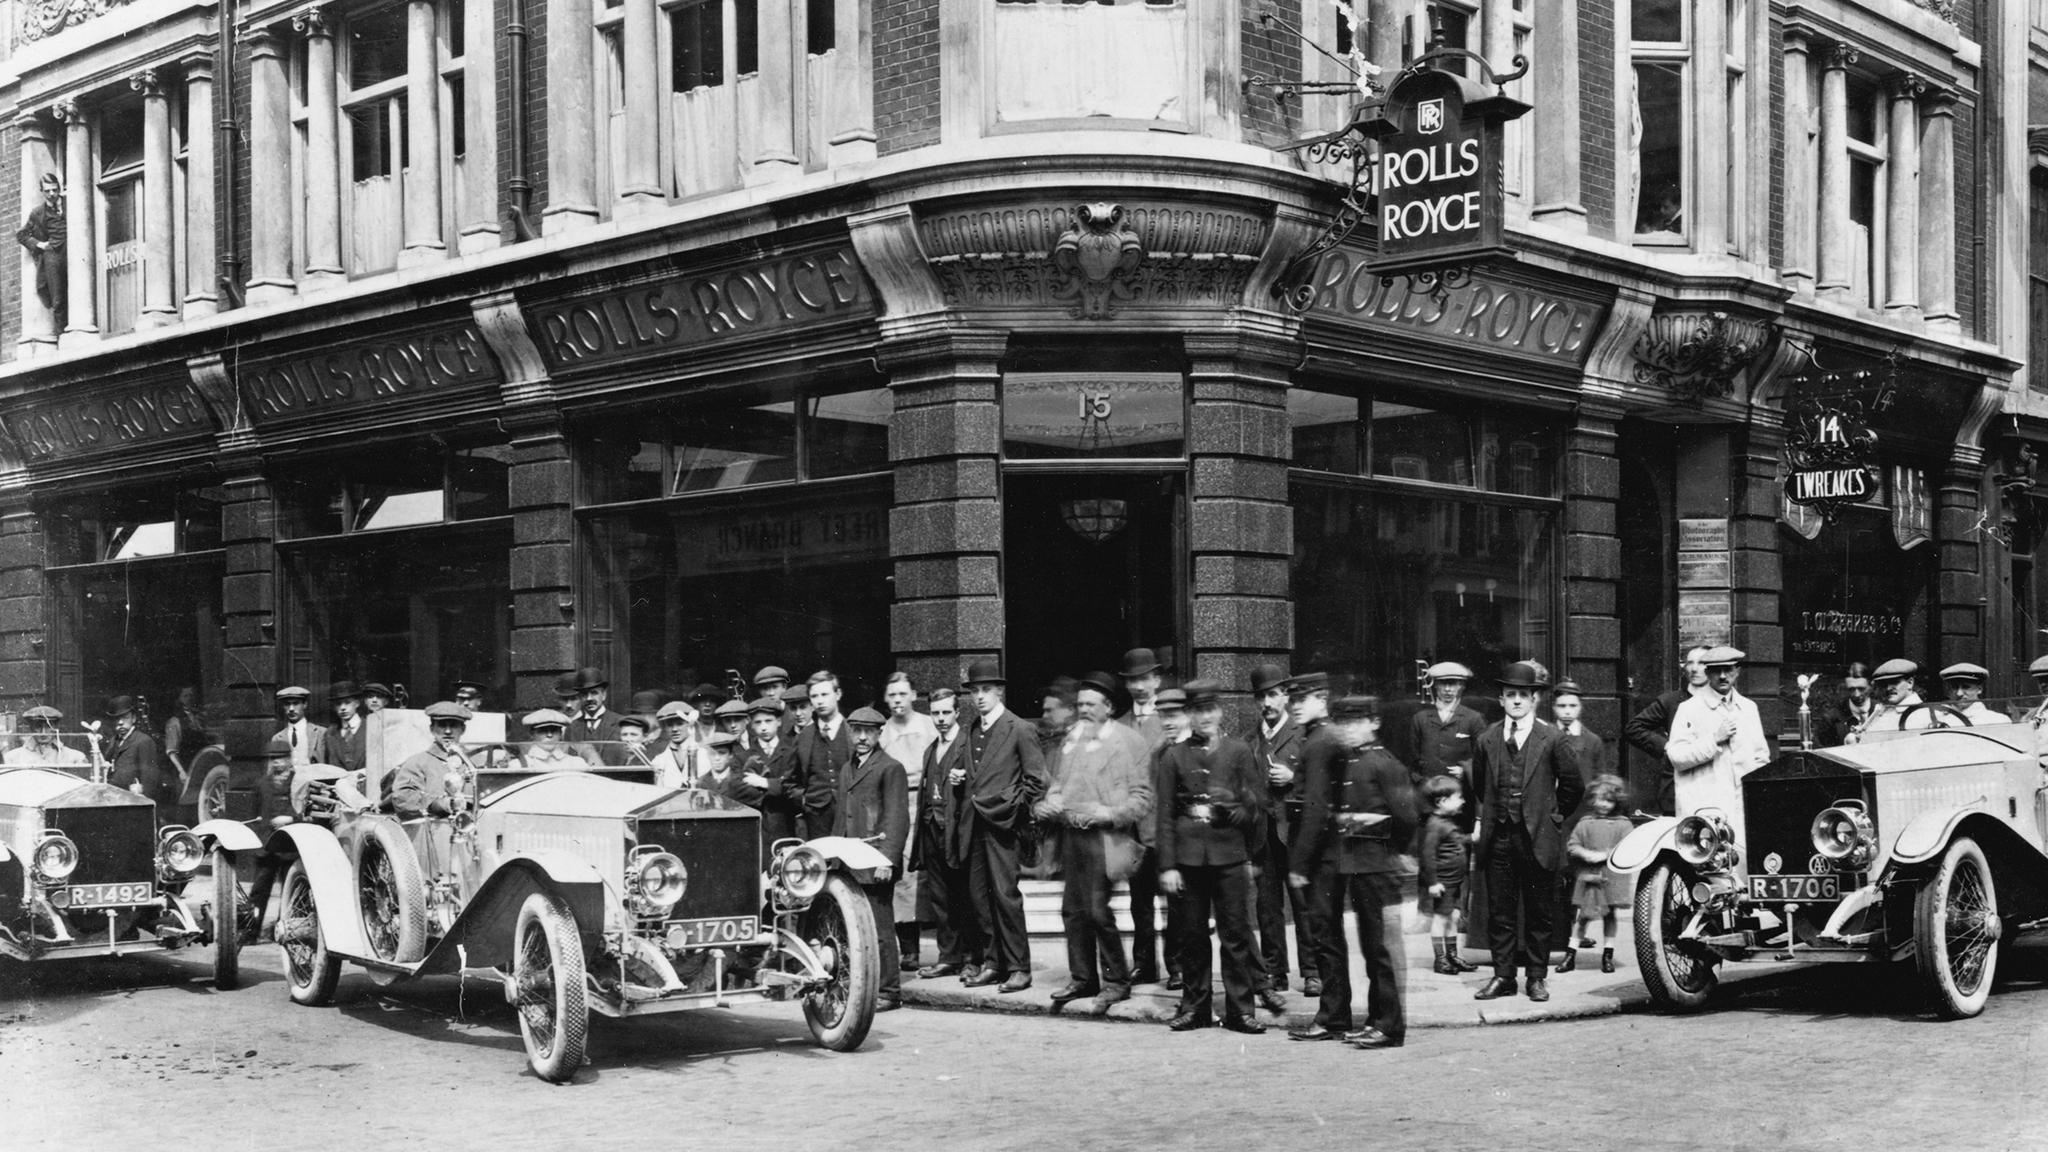 1d1e2667a Um dos principais nomes quando se pensa em marcas premium a Rolls-Royce  ganhou fama ...